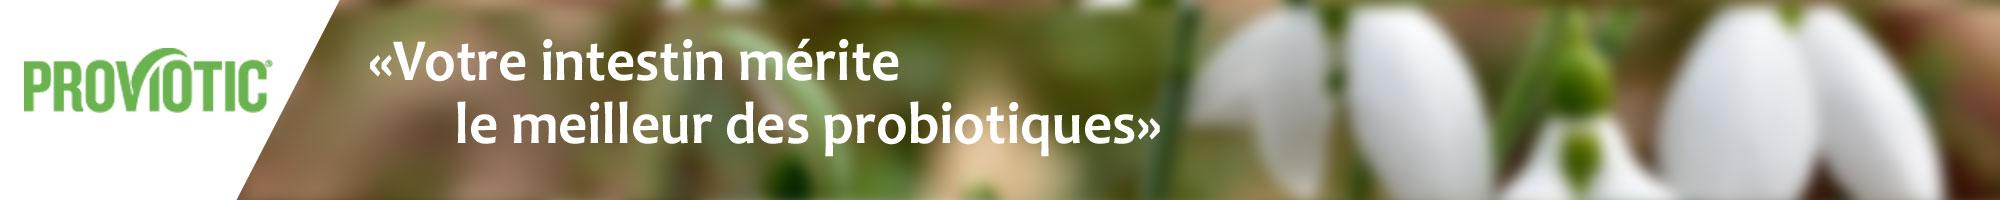 Proviotic : votre intestin mérite le meilleur des probiotiques